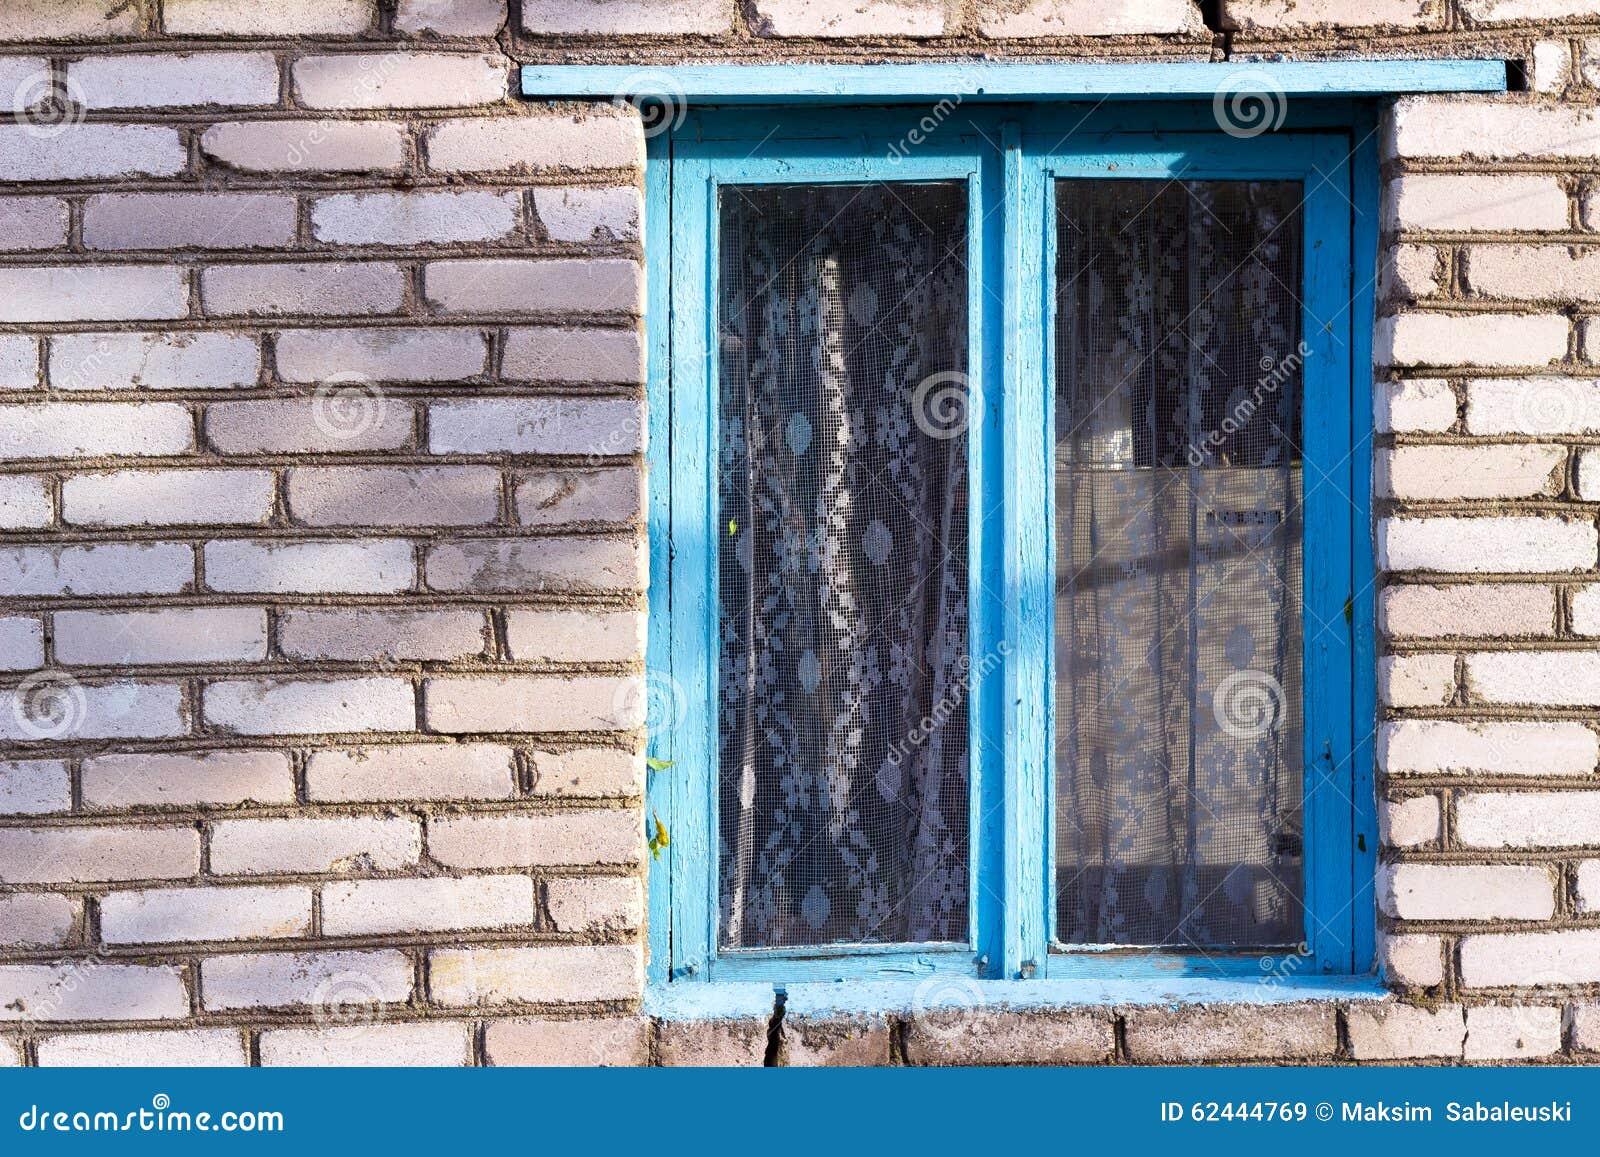 vieille fen tre en bois bleue dans la maison d 39 un village blanc de brique photo stock image. Black Bedroom Furniture Sets. Home Design Ideas